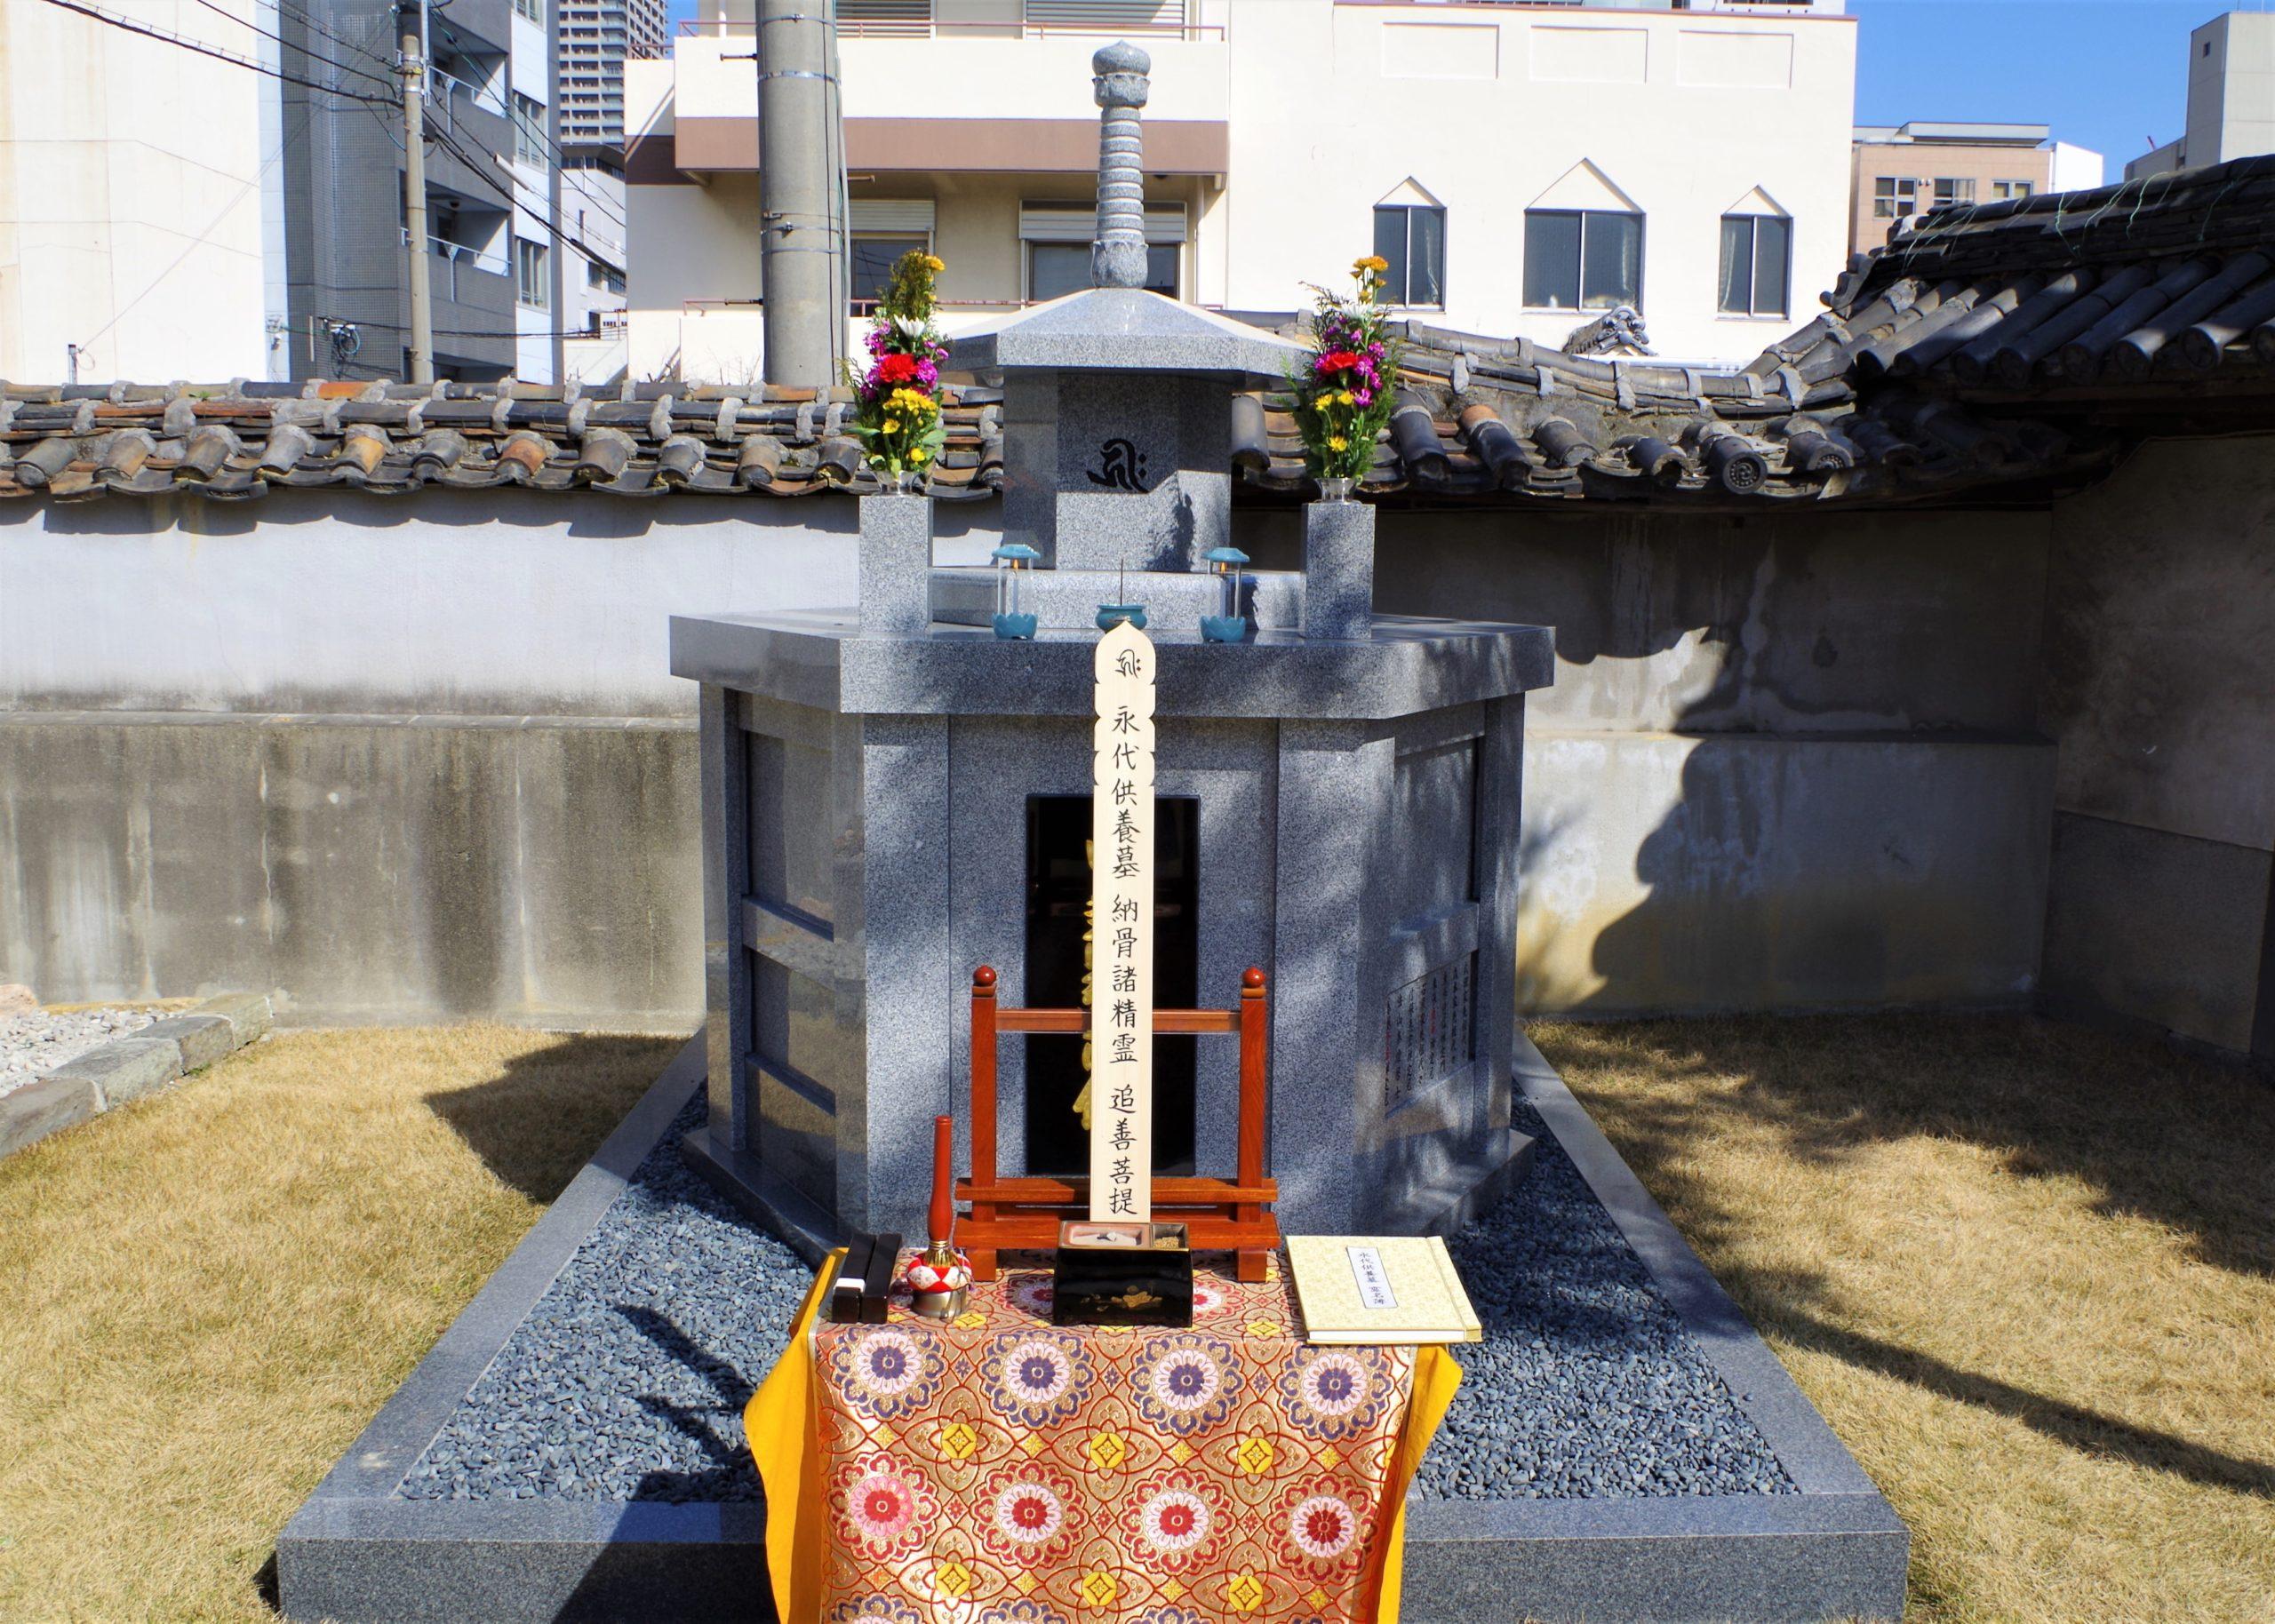 大乗寺 墓前供養2016 2